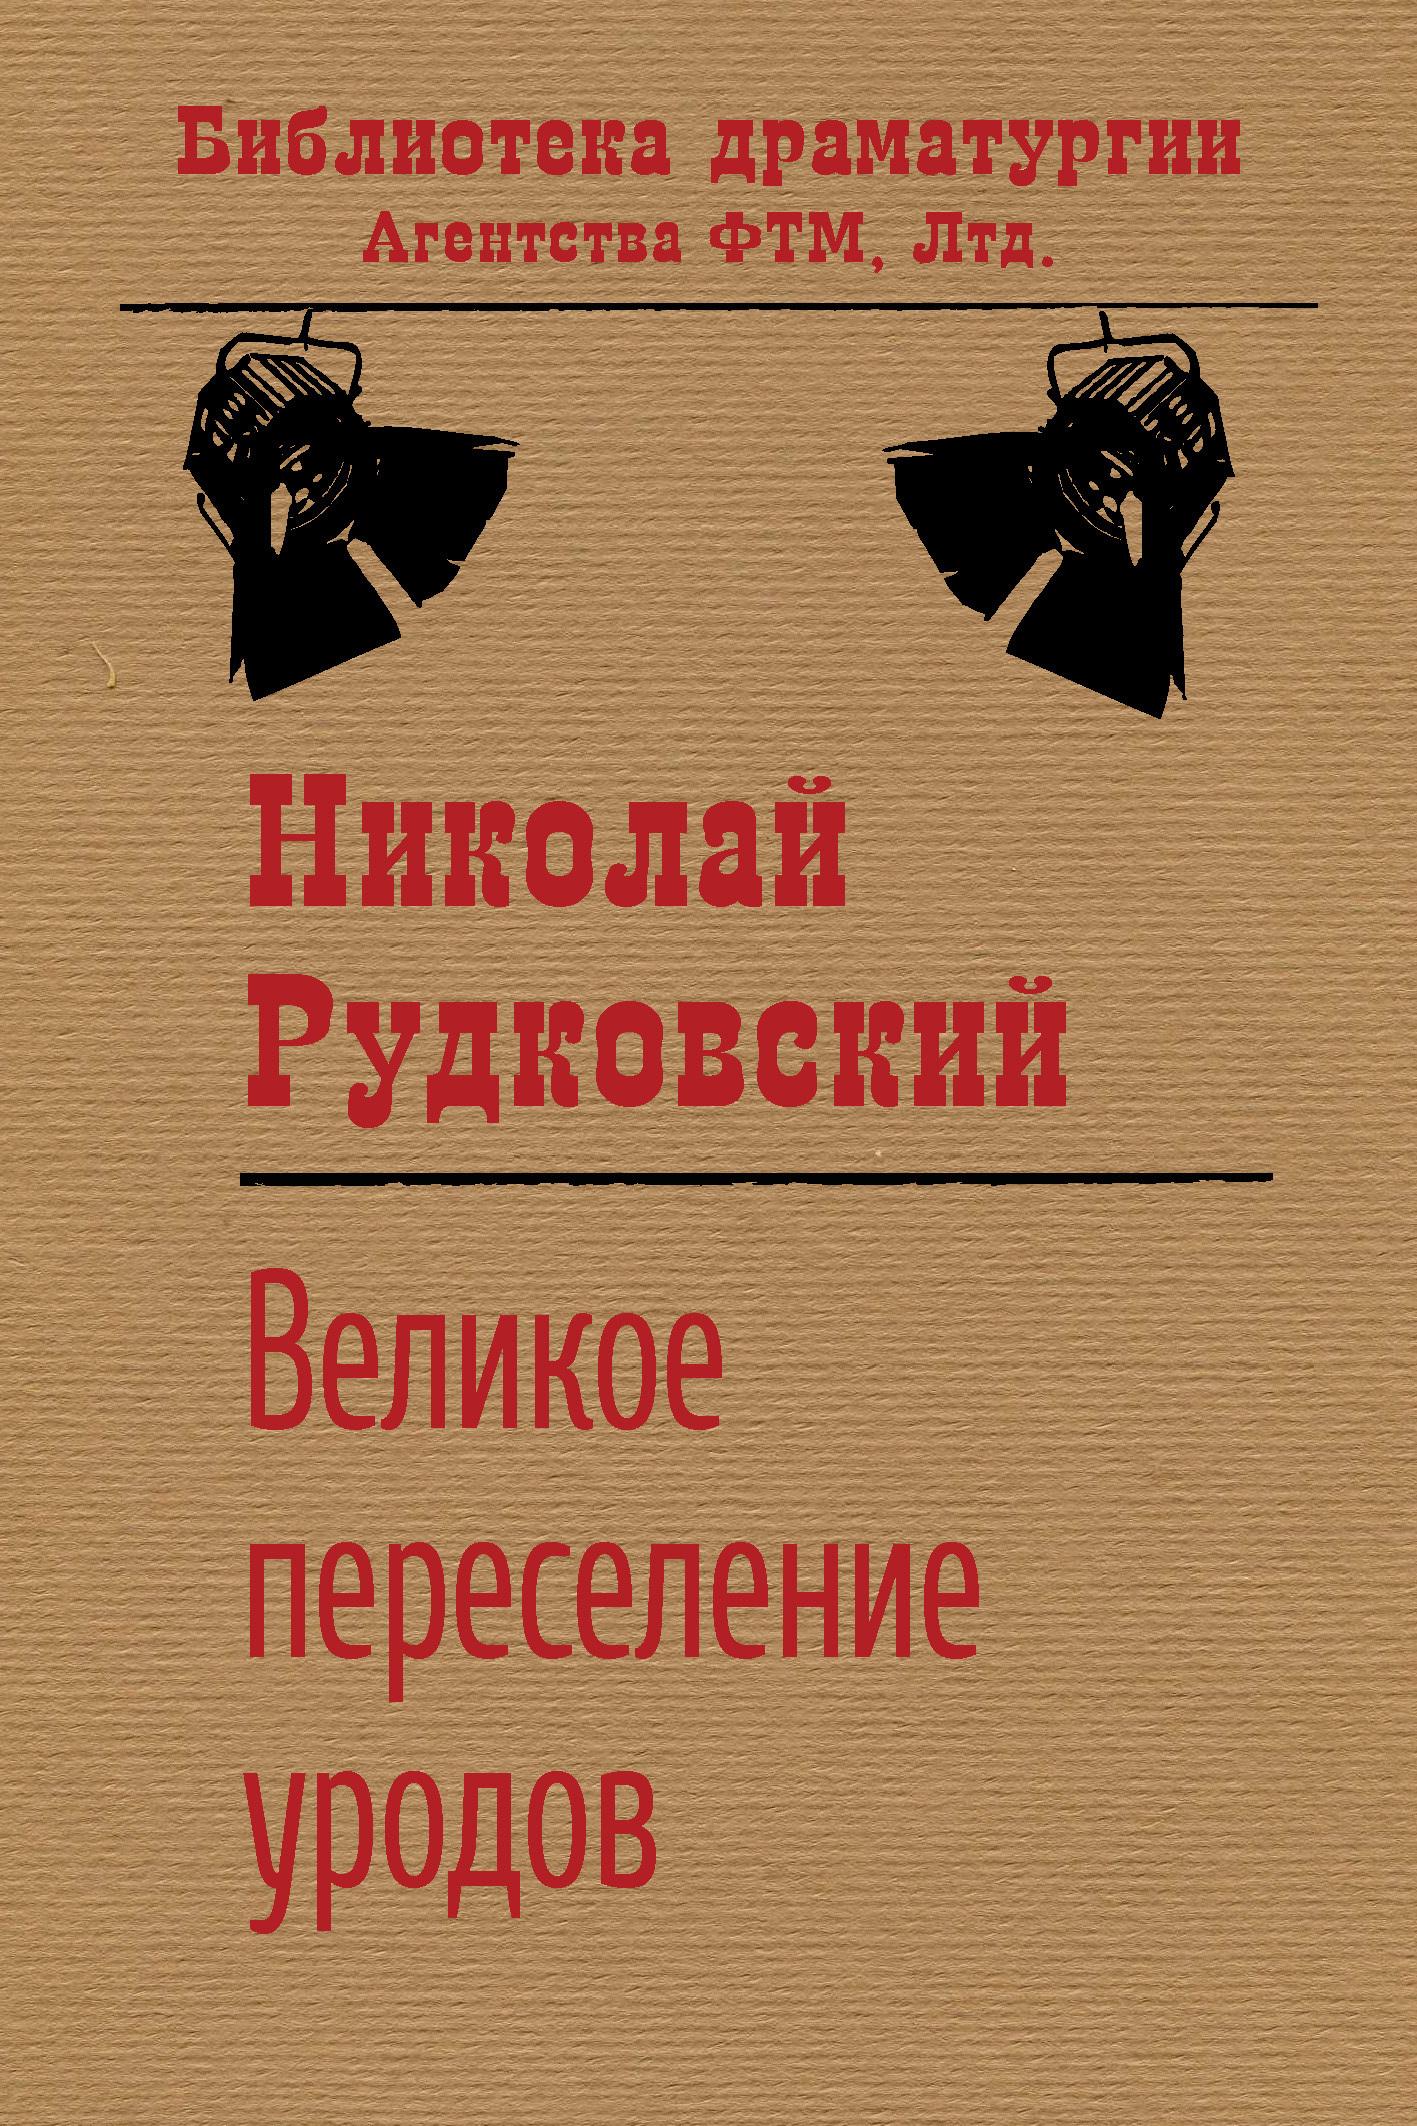 Николай Рудковский - Великое переселение уродов